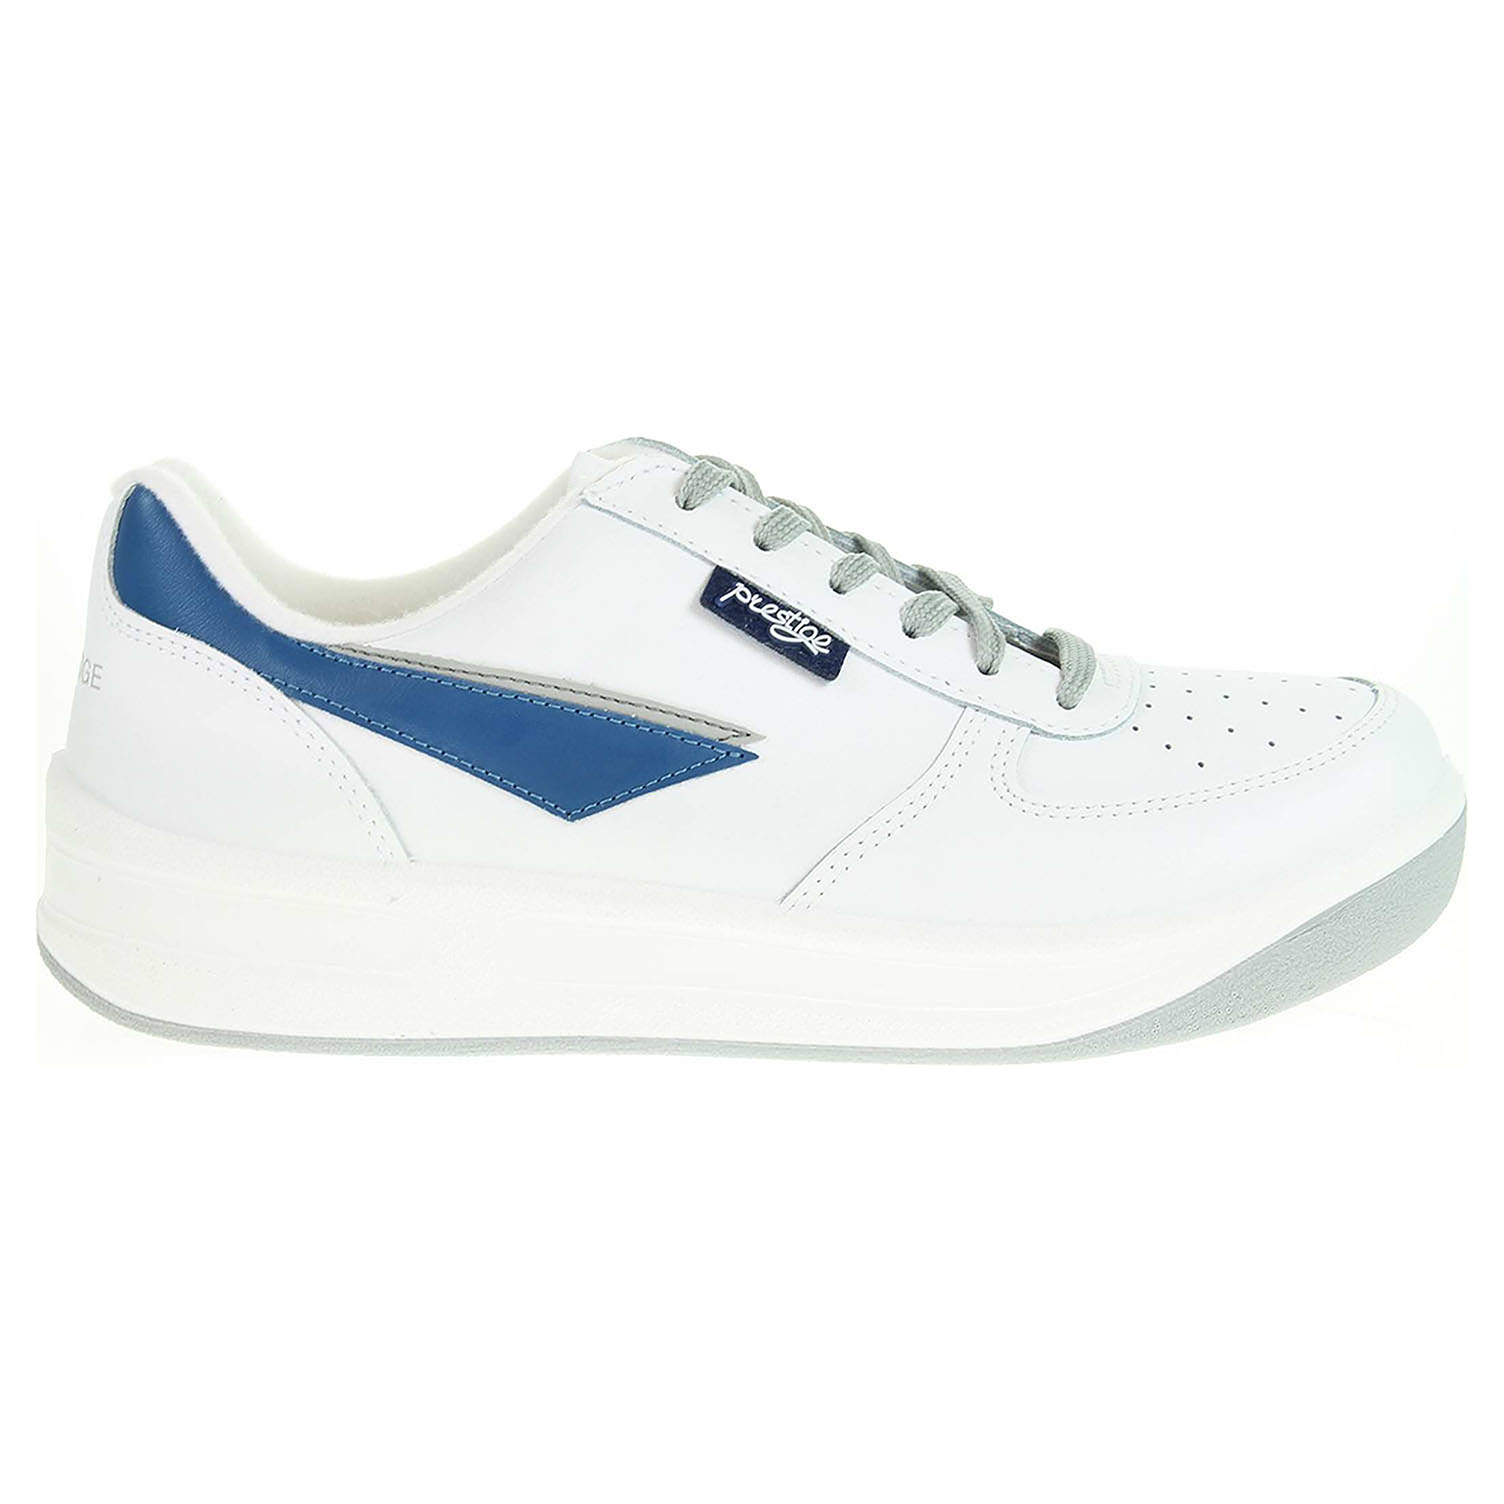 Prestige dámská obuv 86808-10 bílá 86808-10 bílá 39